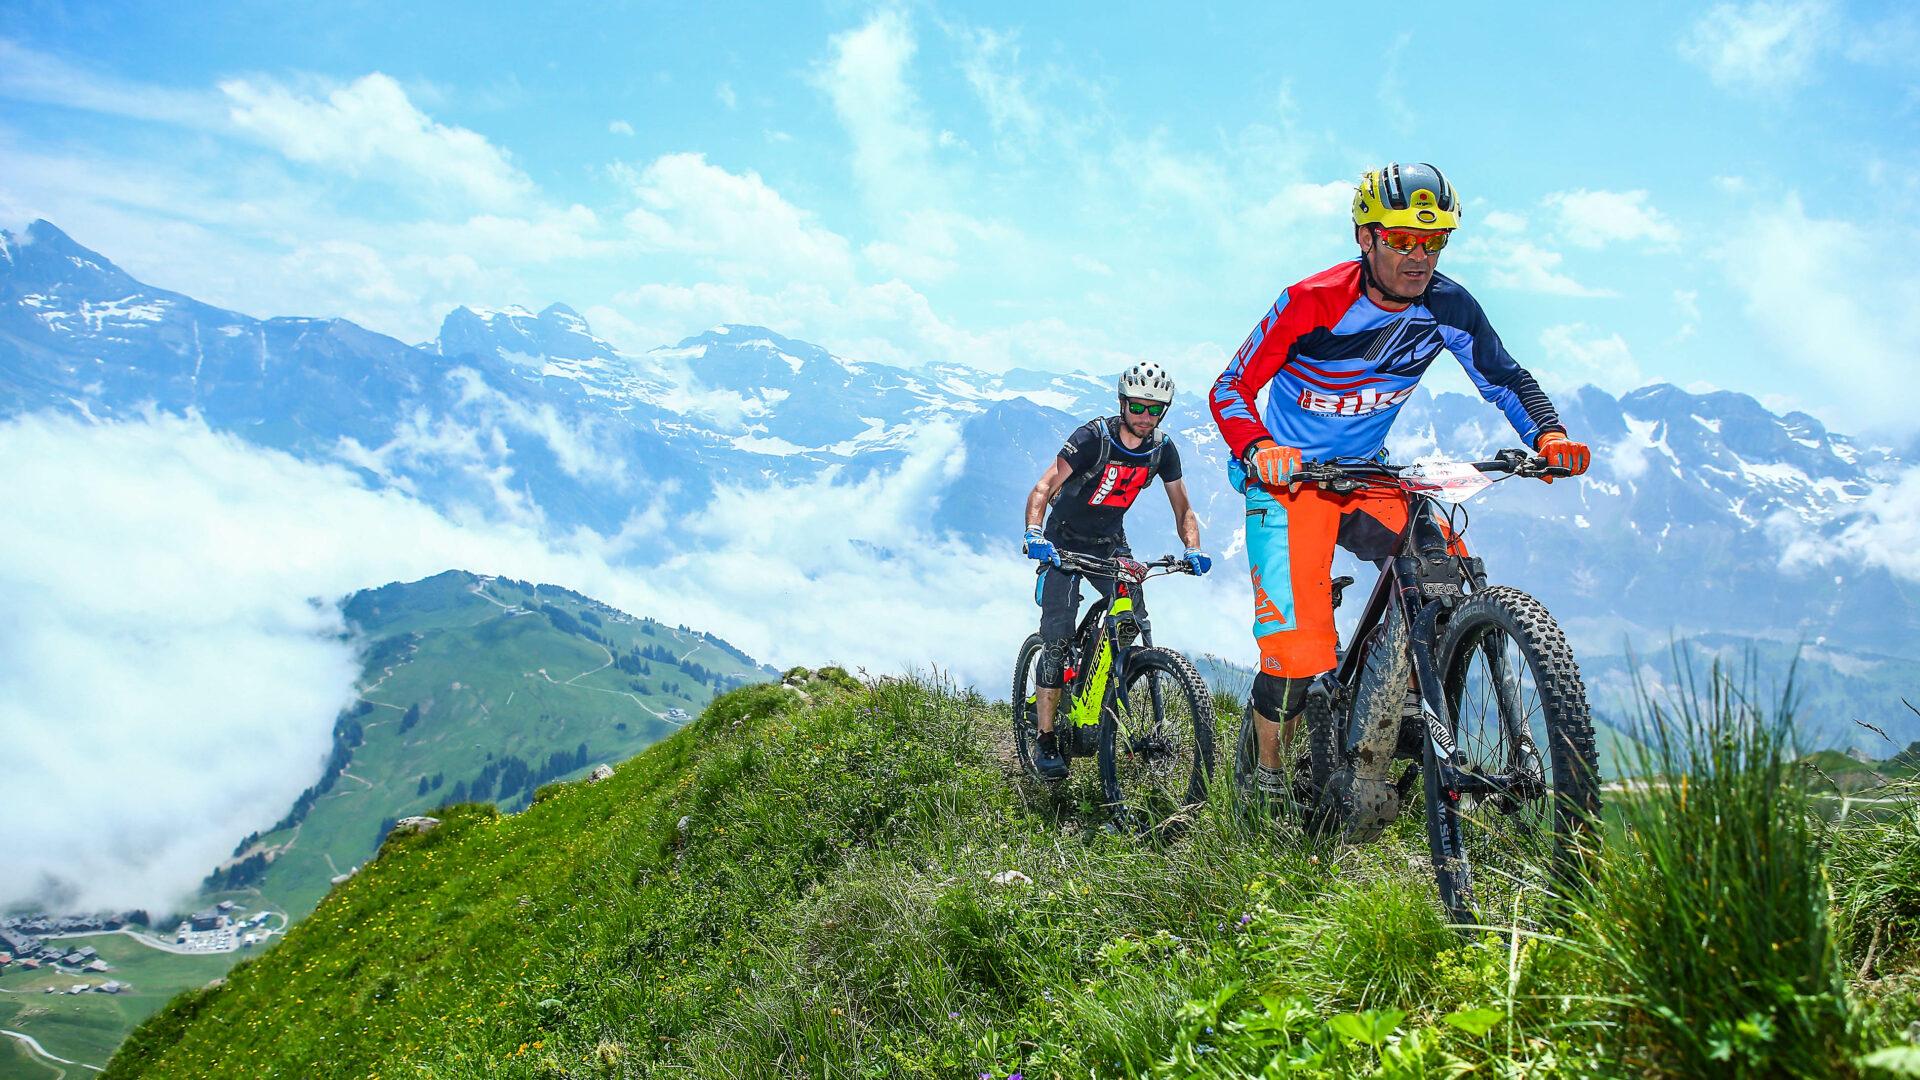 Hommes faisant du VTT en été sur les crêtes avec montagnes en fond